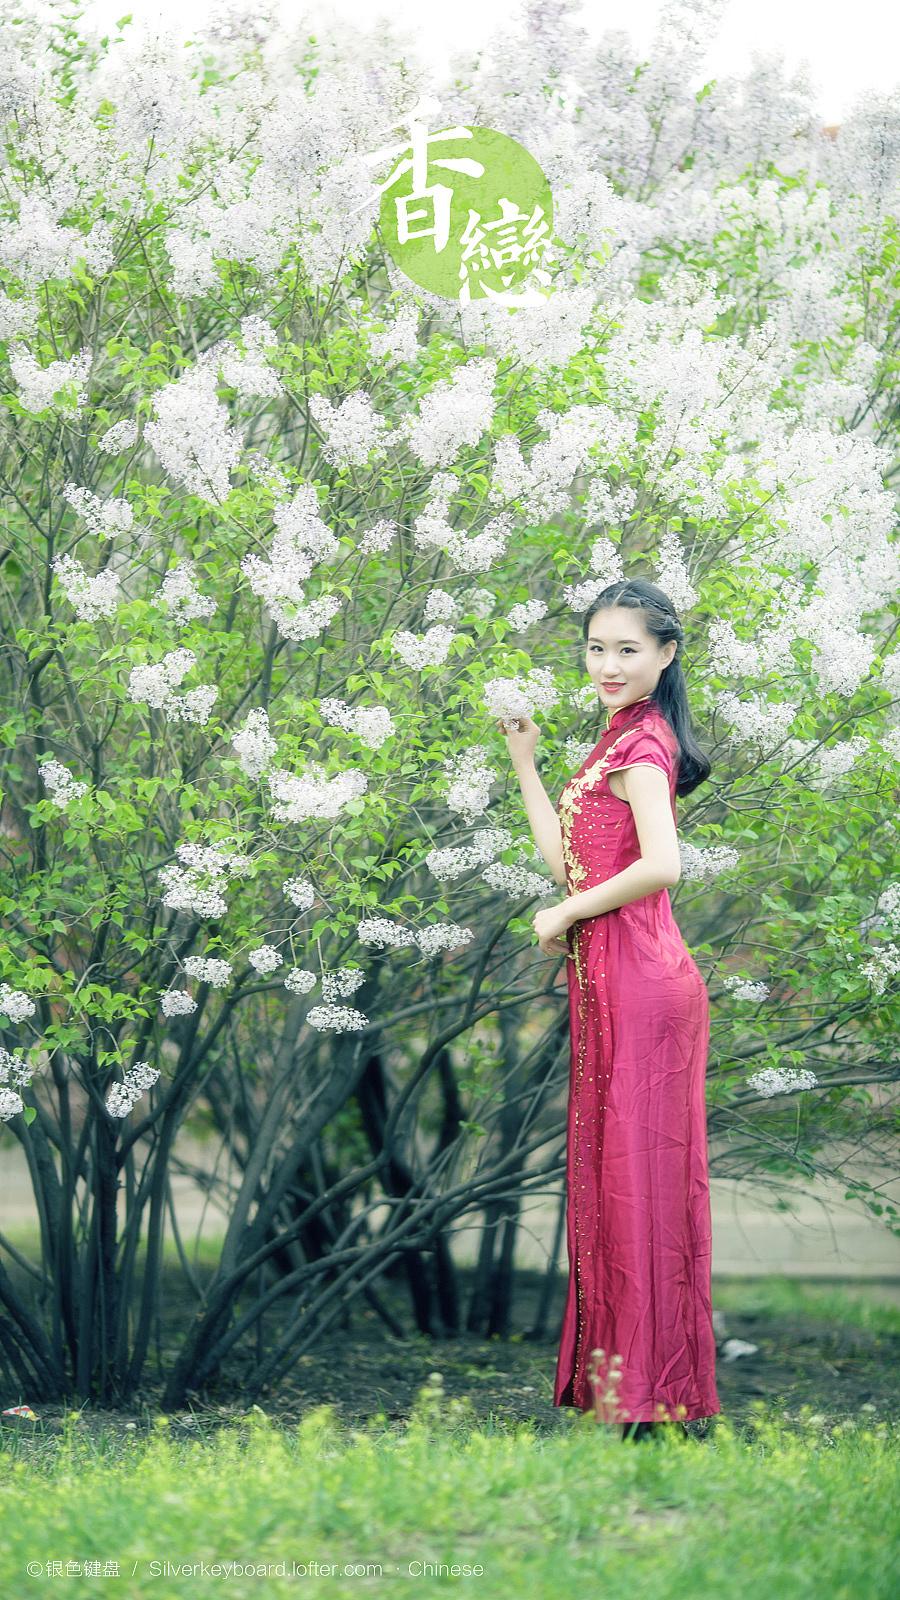 等待花季_是谁滑落了满眼的心碎 等待花季有奇迹的轮回 是谁依恋着风干的花蕊